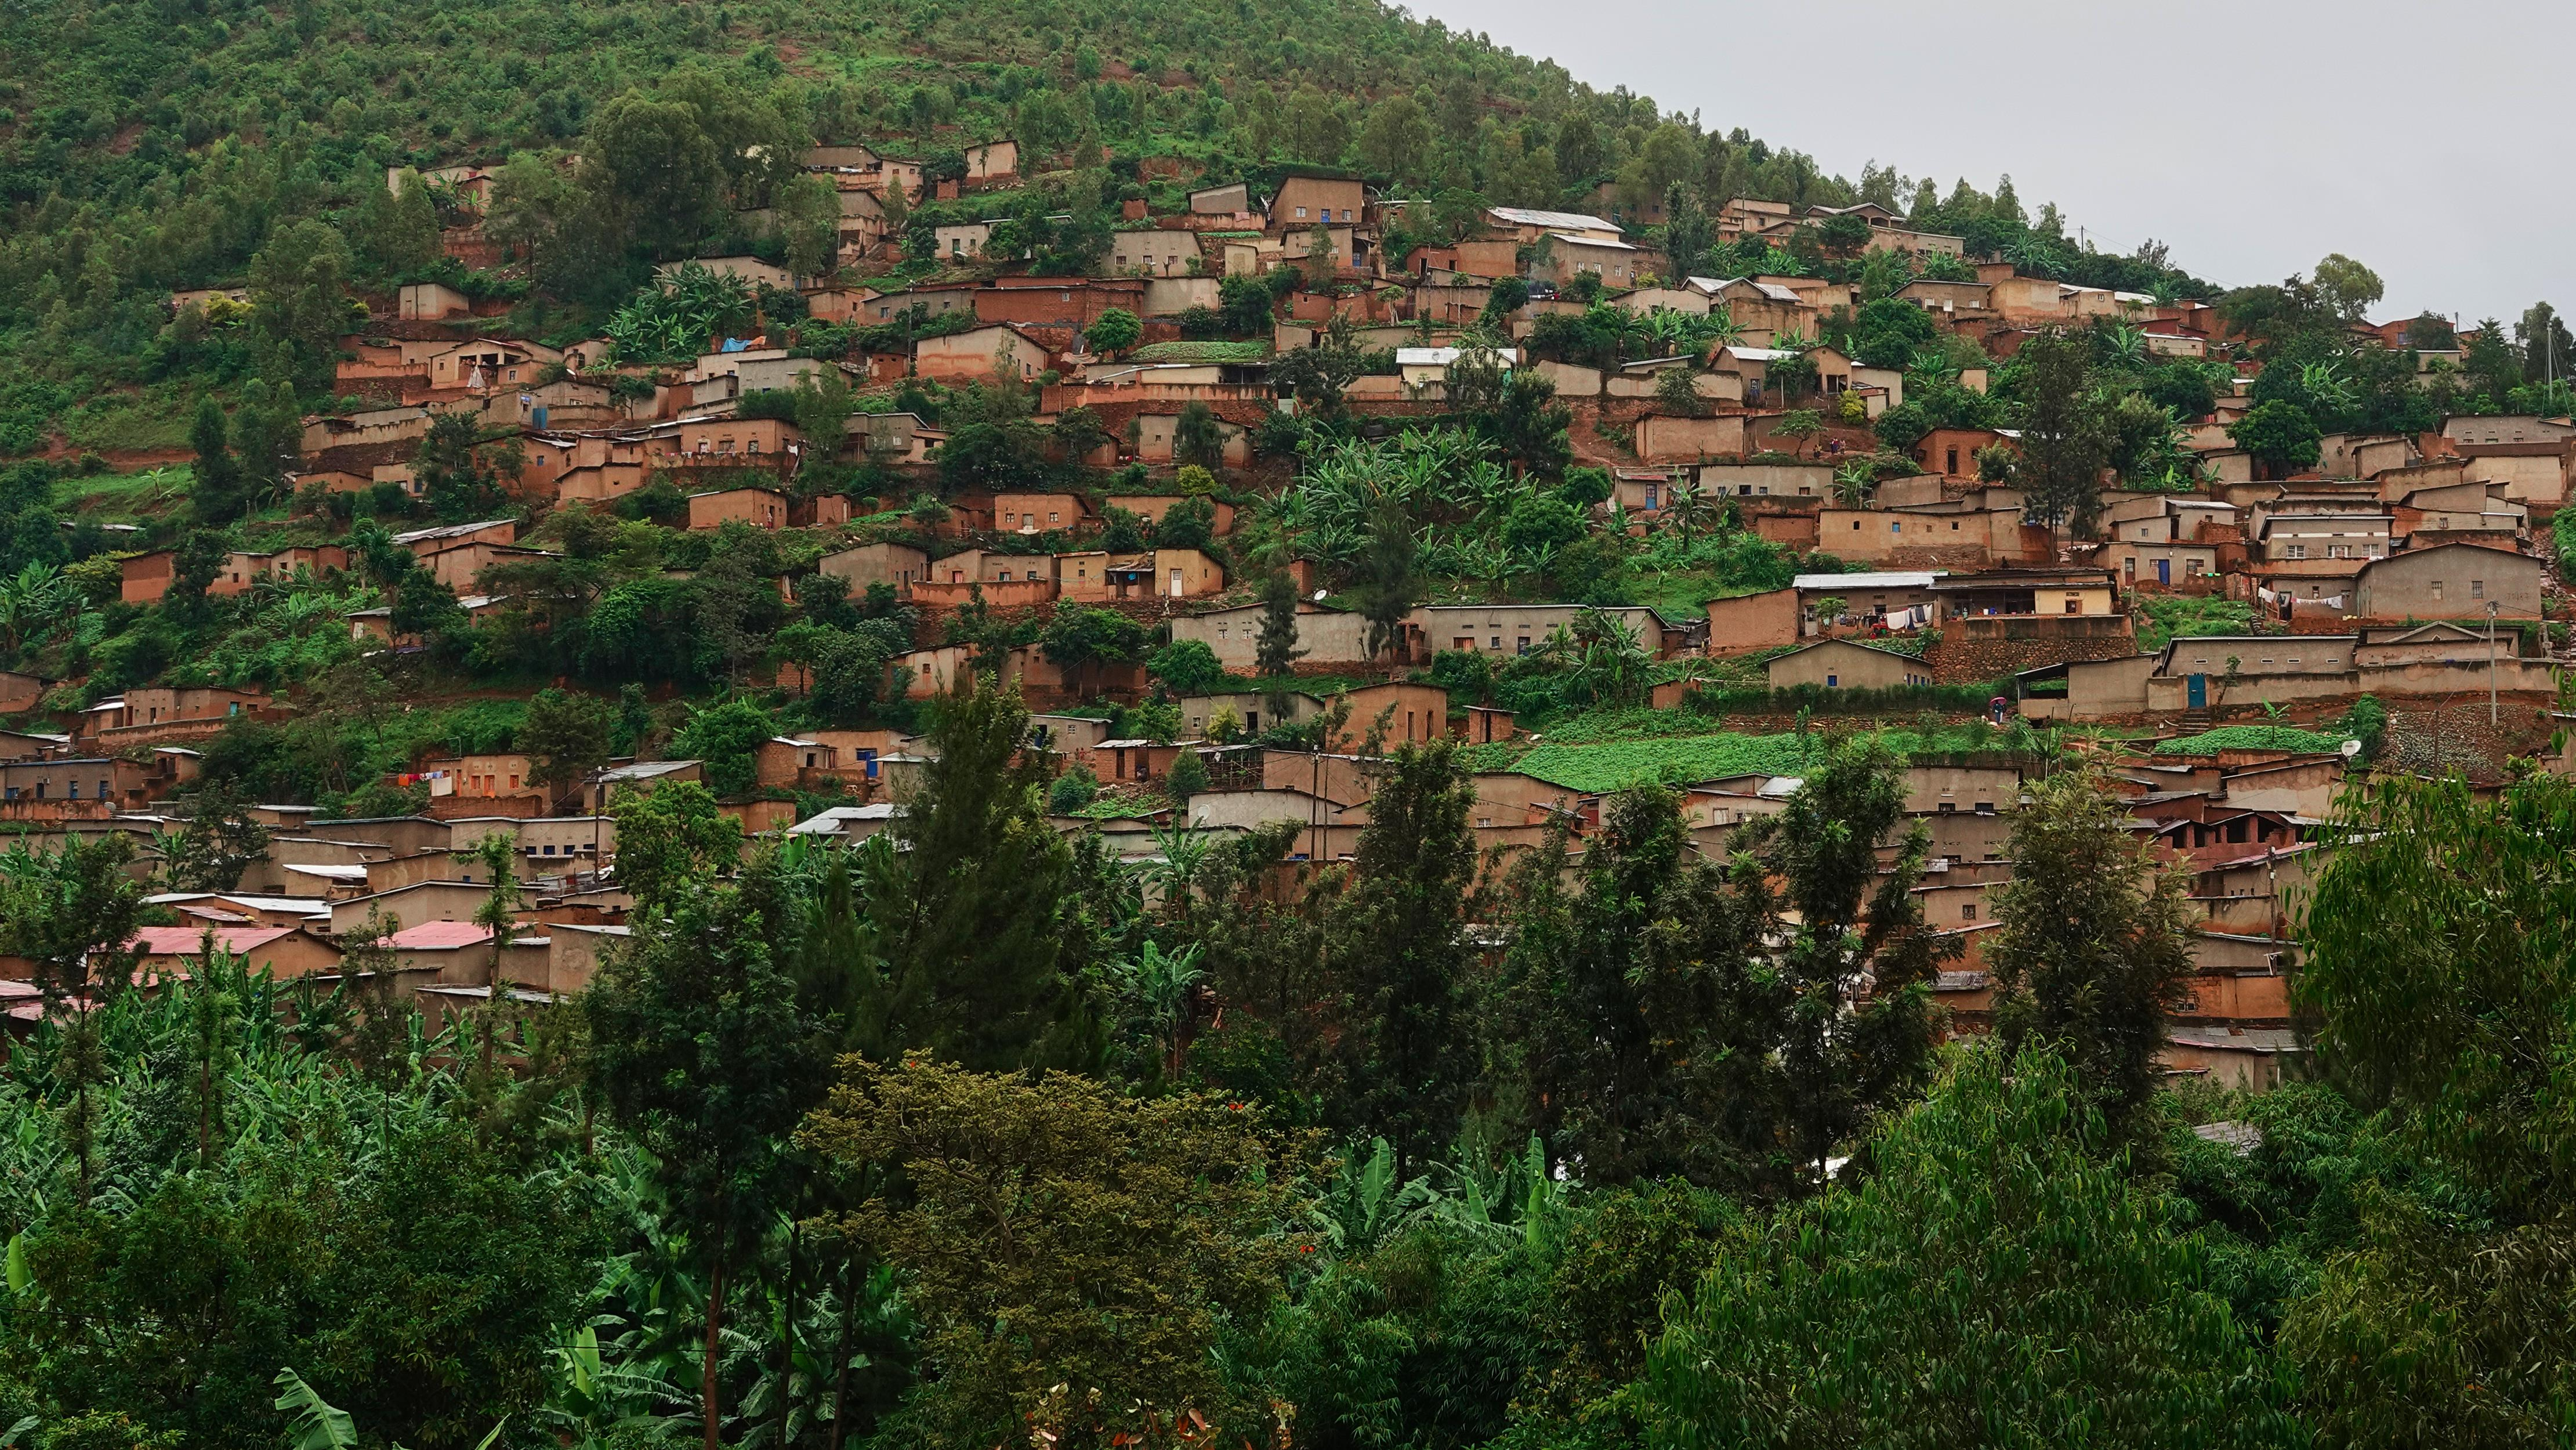 Des maisons sur une colline près de Kigali, au Rwanda